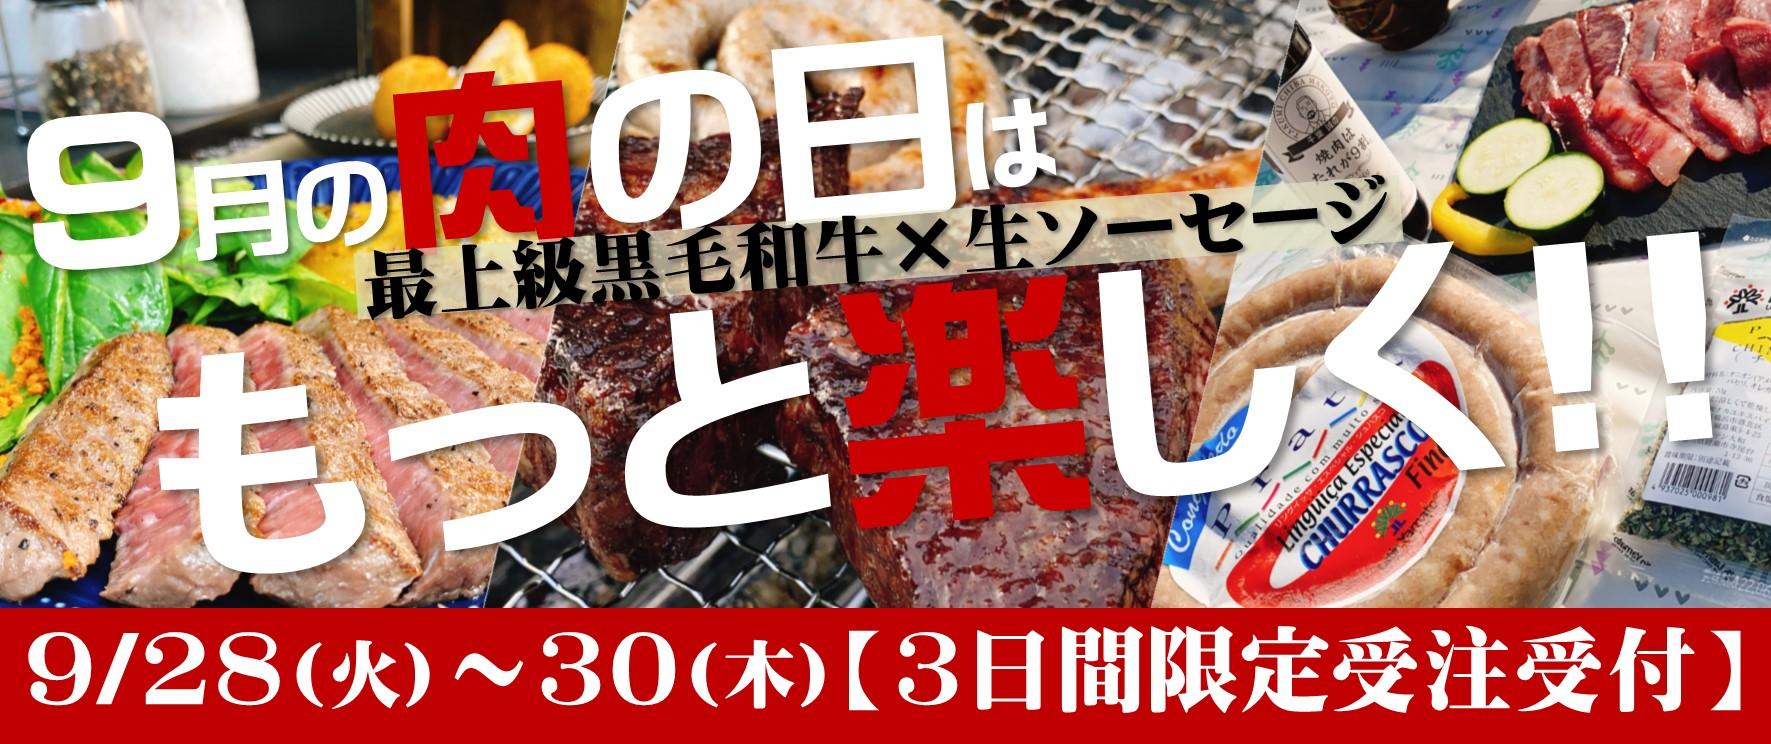 【肉の日】黒毛和牛×生ソーセージ限定セット登場